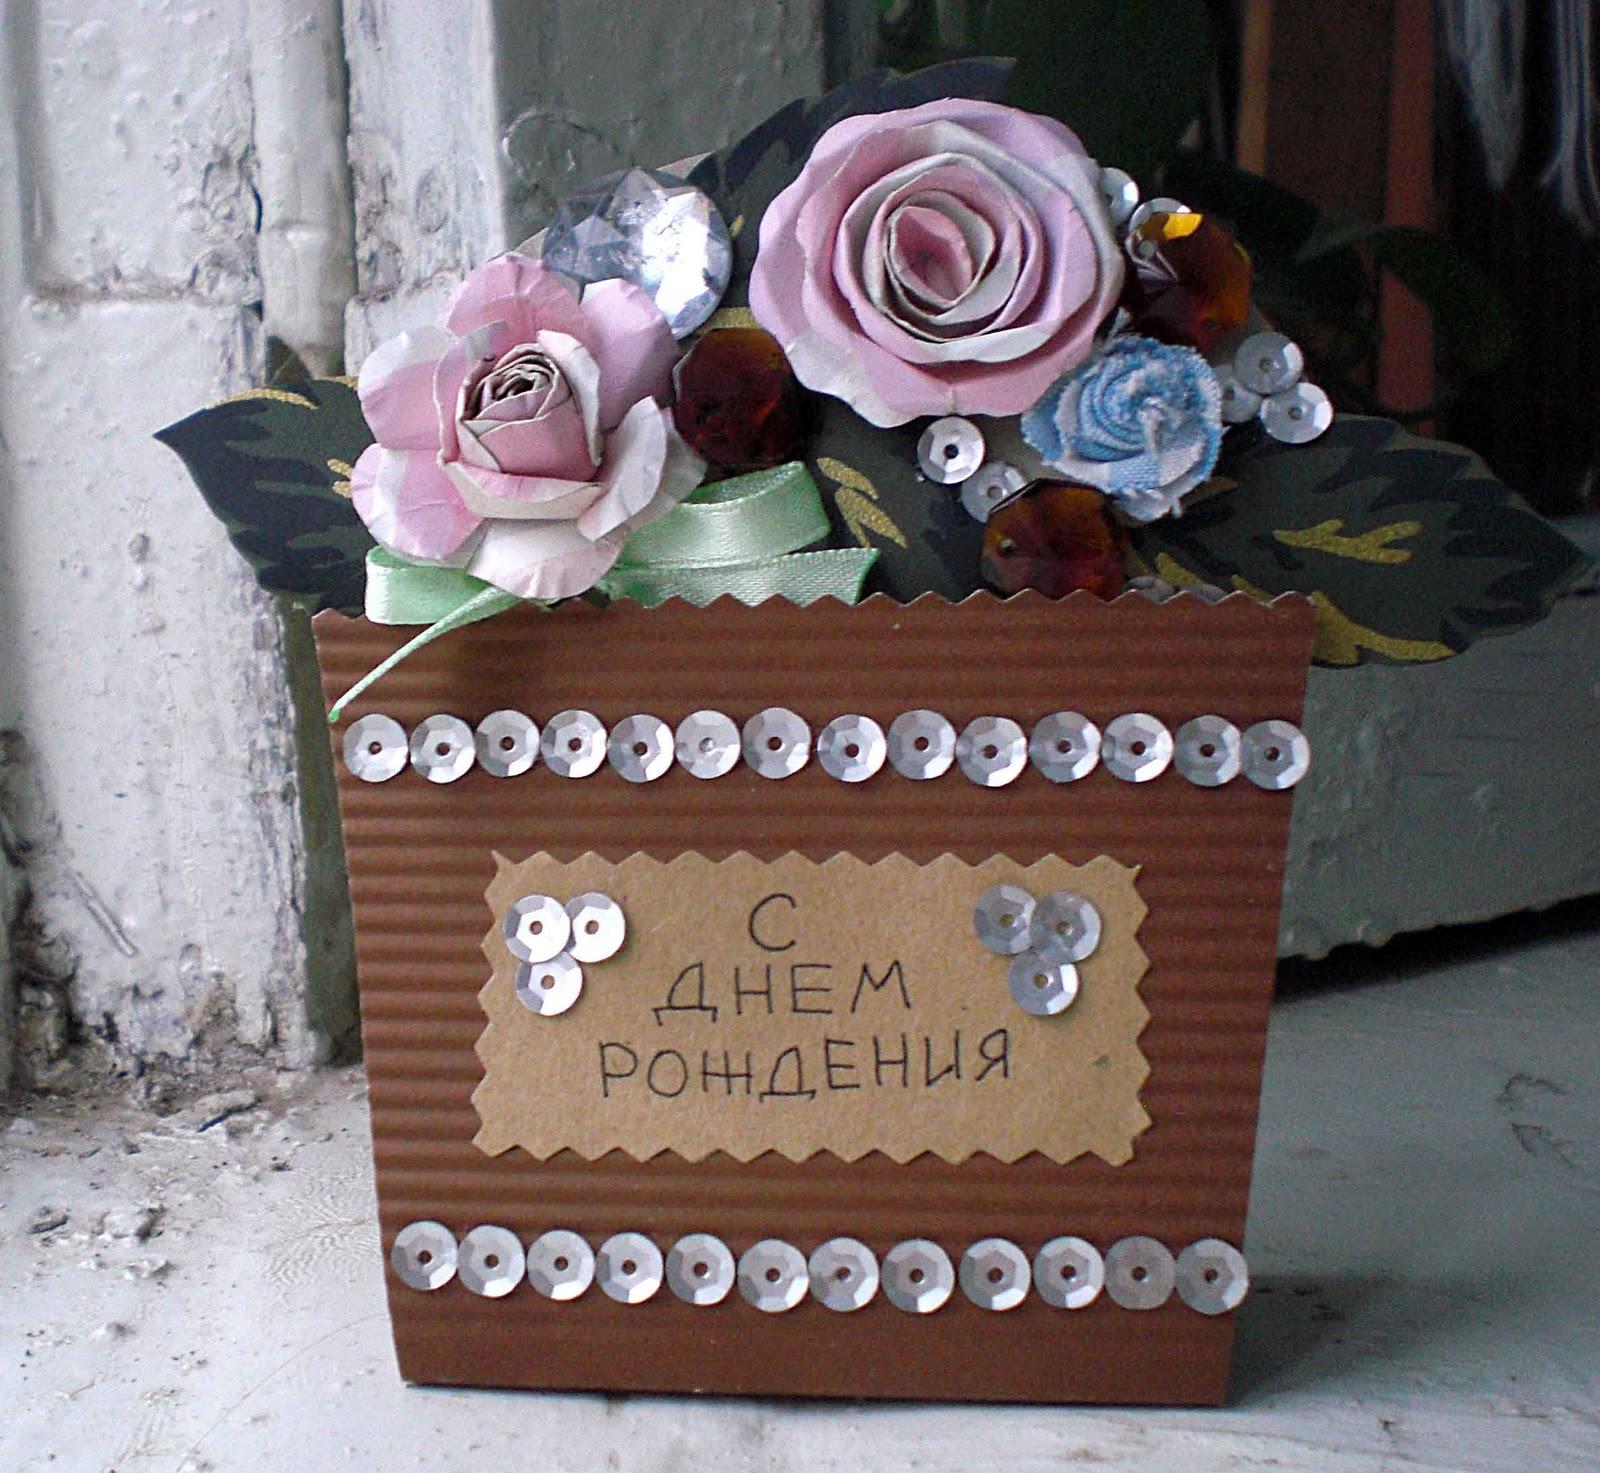 Цветы бабушки на день рождения